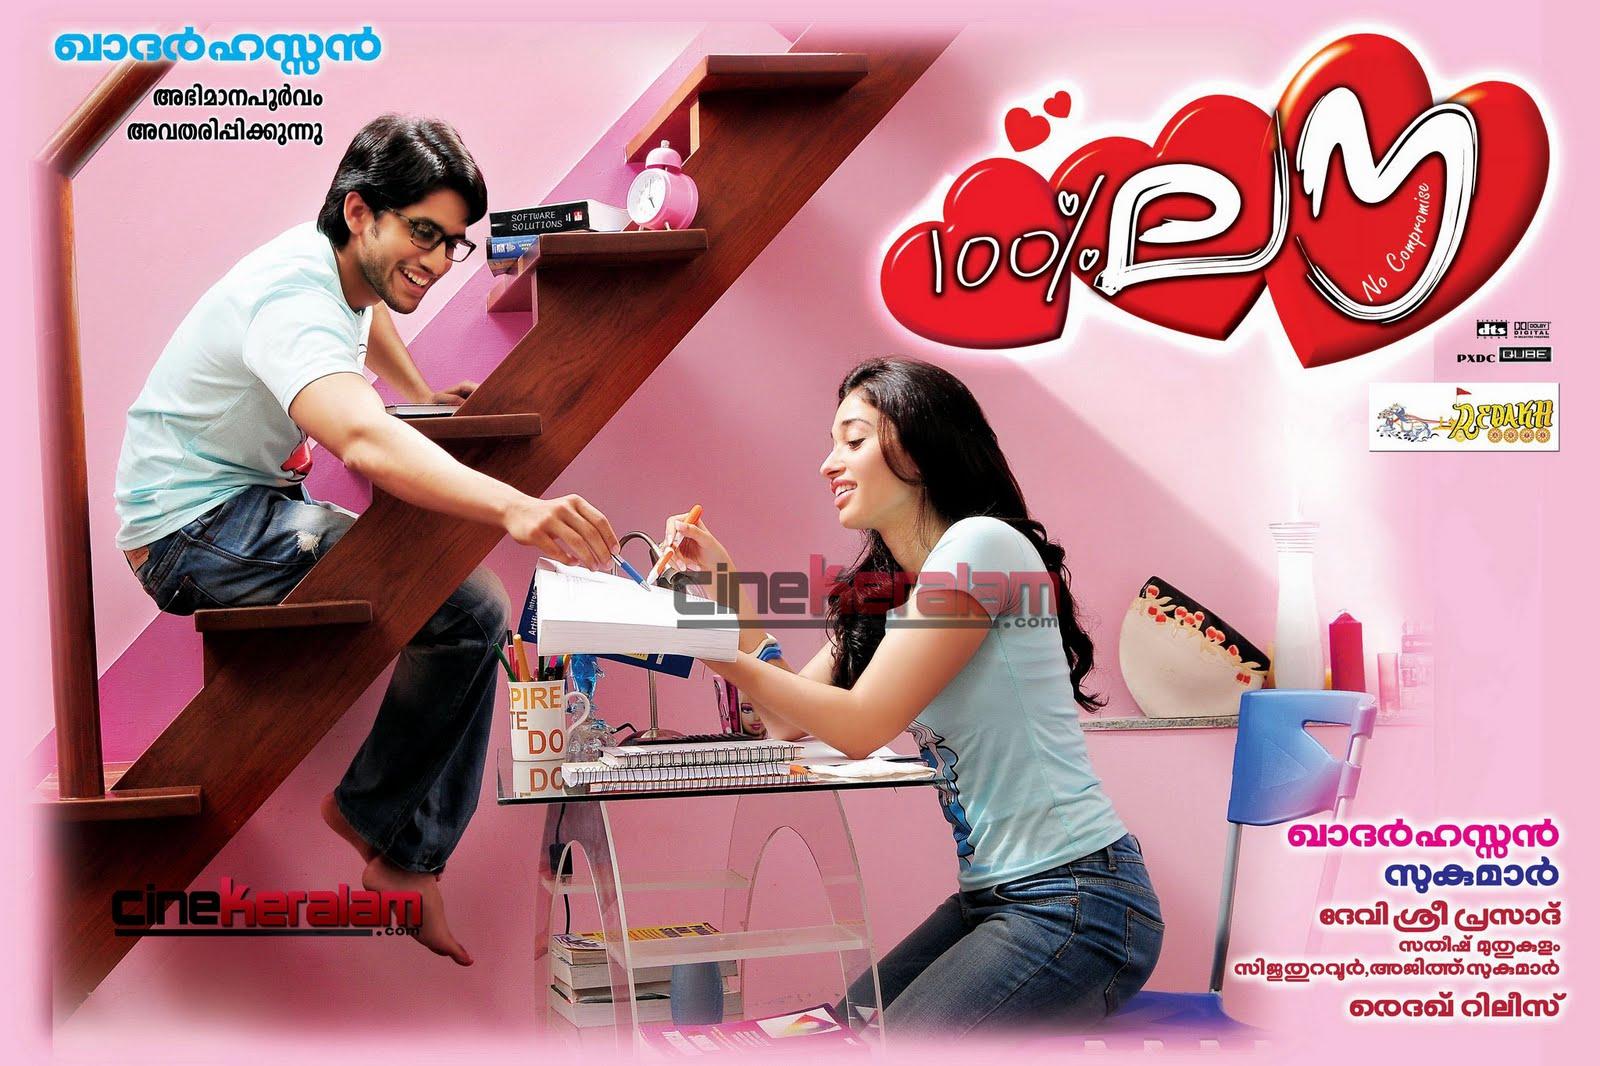 ⛔ 100 love telugu film video songs download | 100% Love